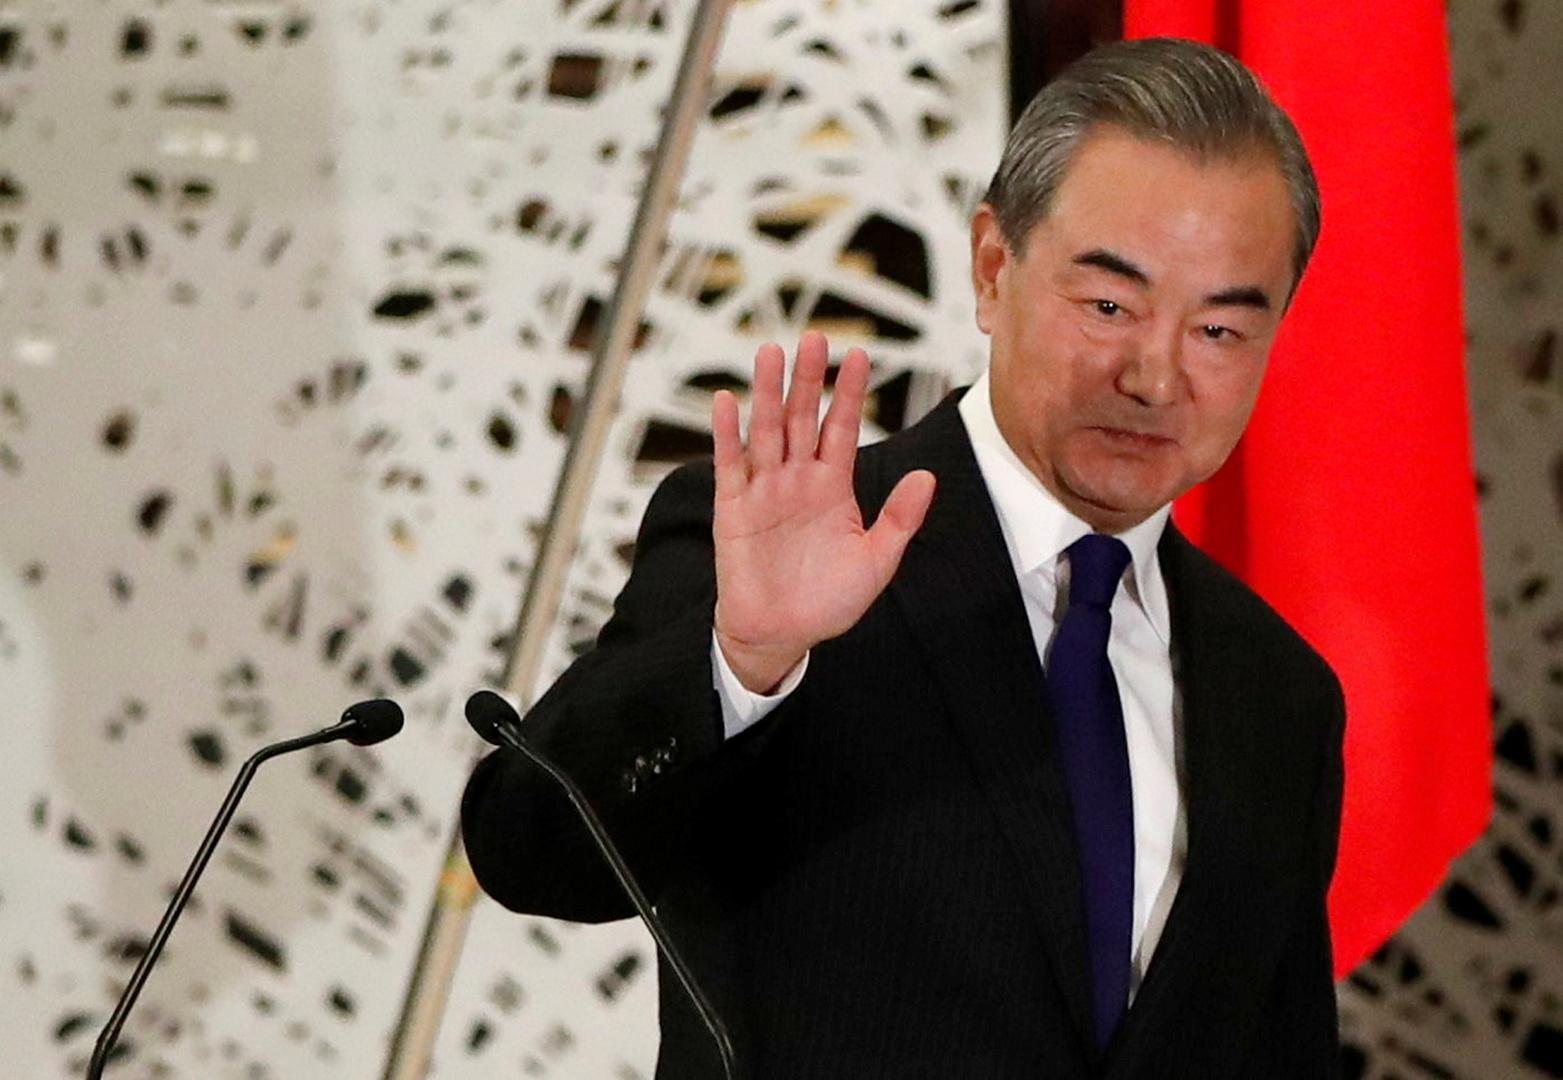 بكين: العالم لا يحتاج لأن تكون الصين